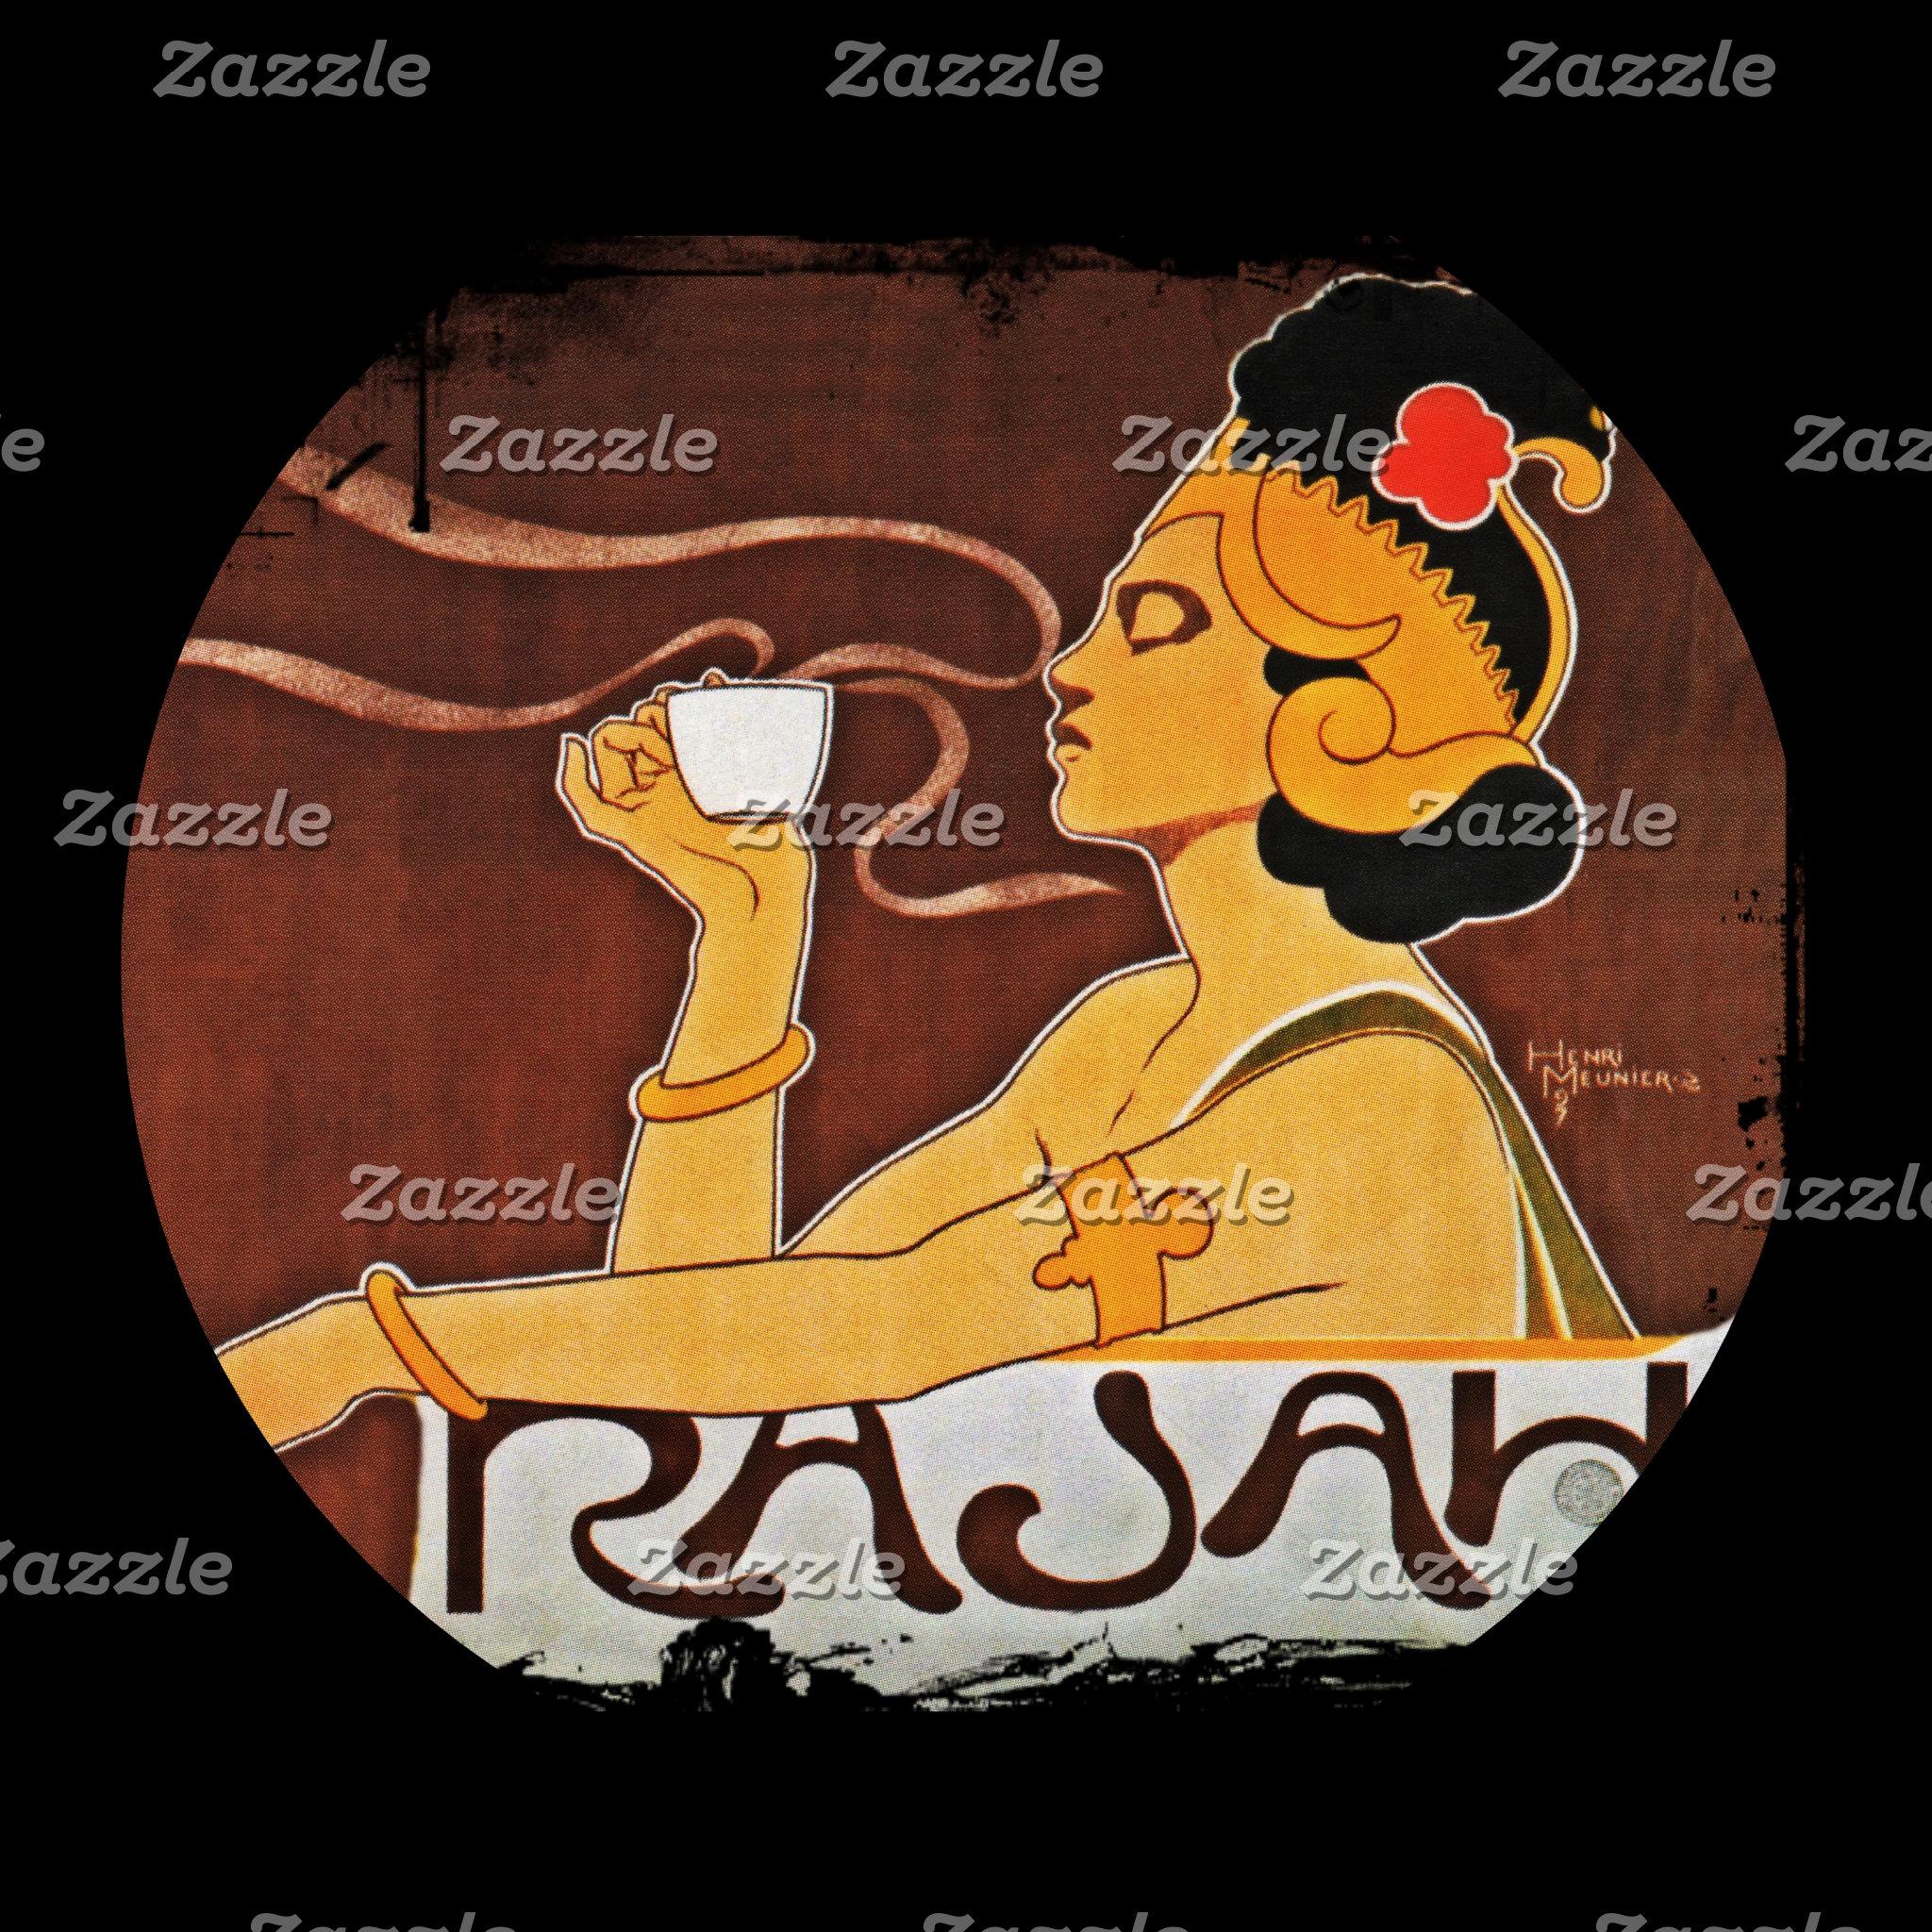 Coffee and Espresso